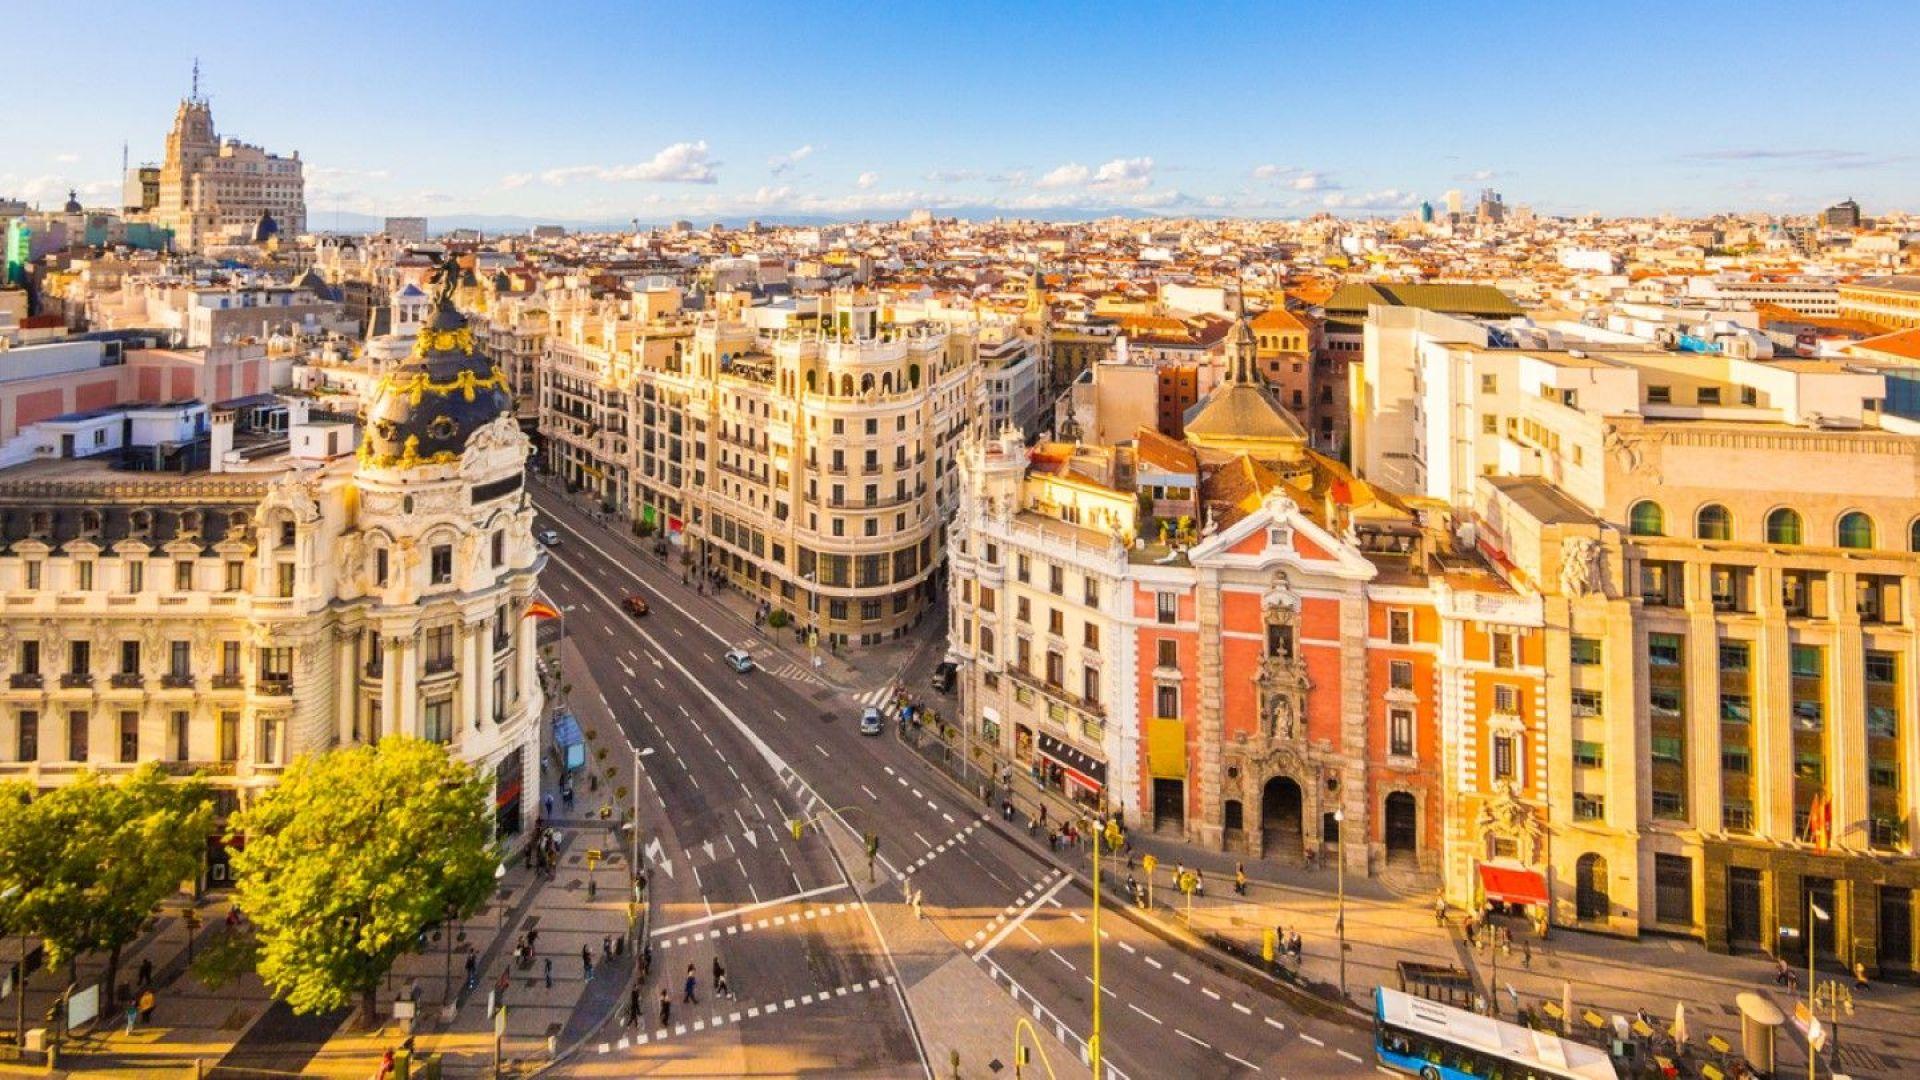 Испания даде принципно съгласие за организиране на нейна територия на избори за НС на 4 април 2021 г.